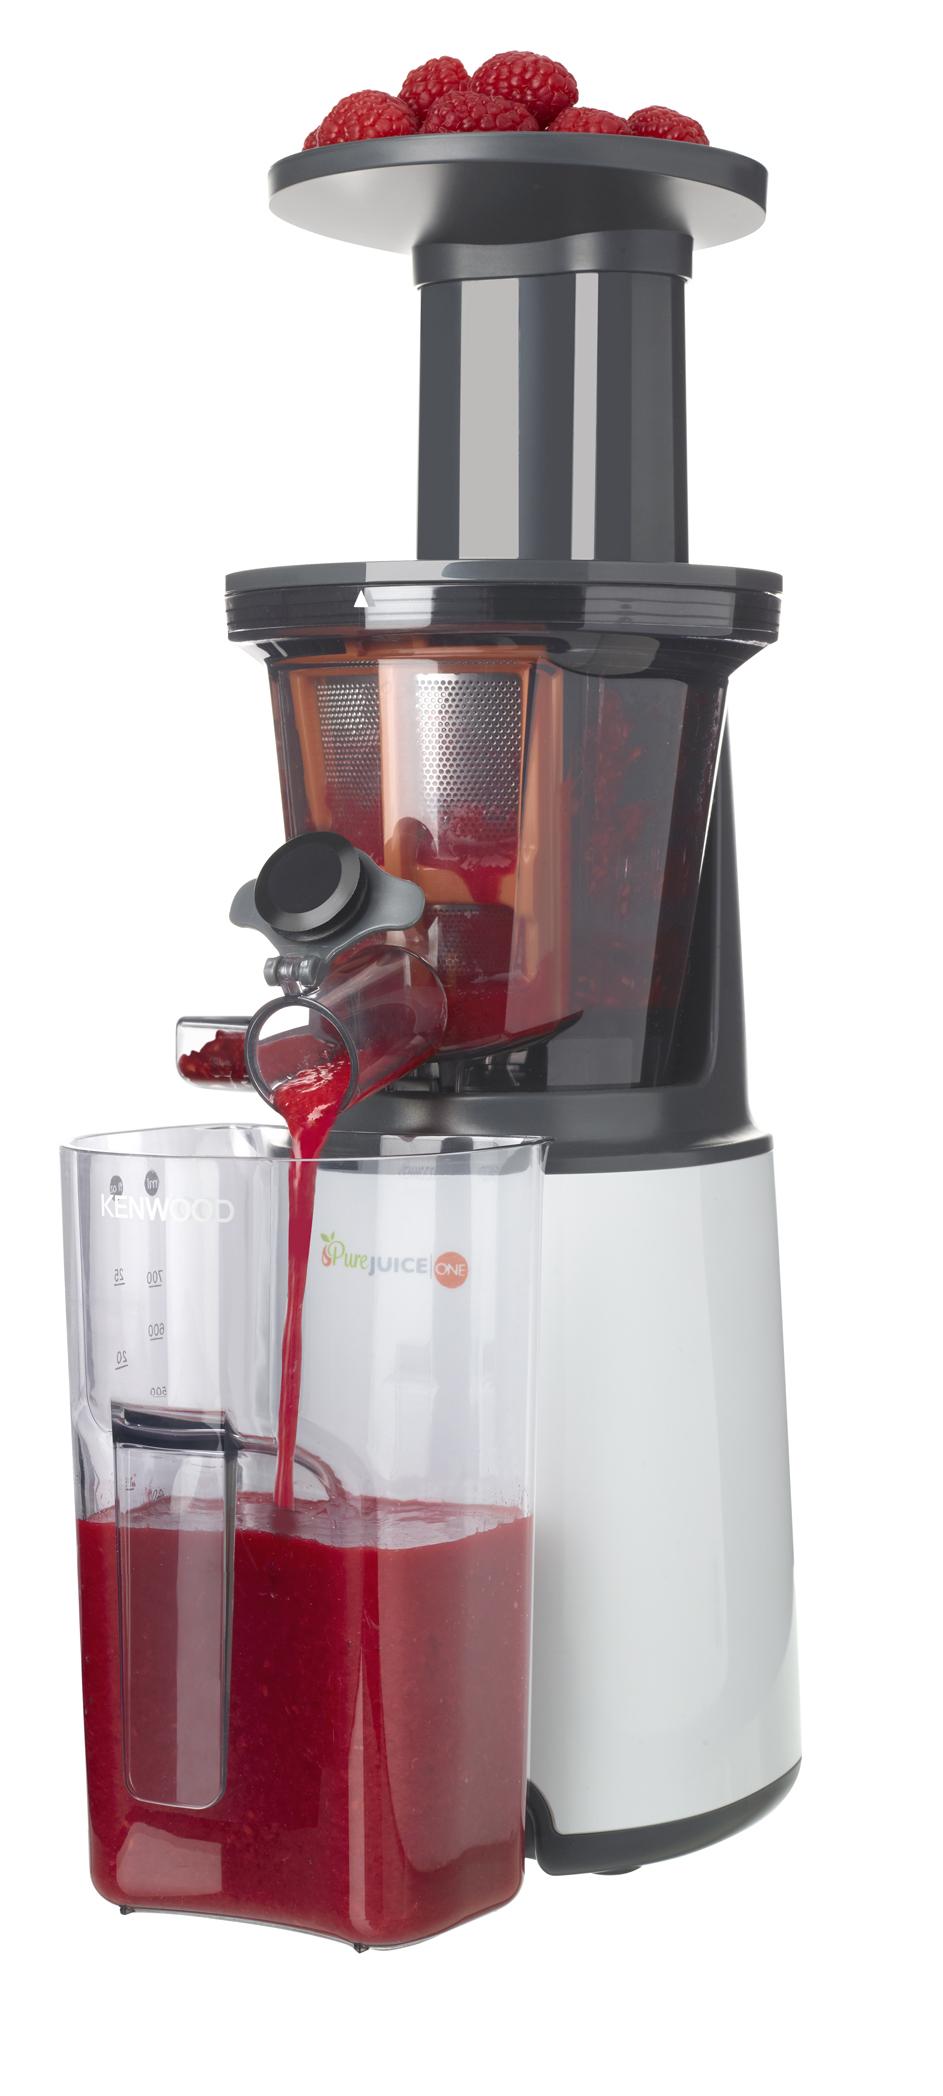 Kenwood Slow Juicer PureJuice One verarbeitet Obst, Gemüse, Spinat, Mandeln.